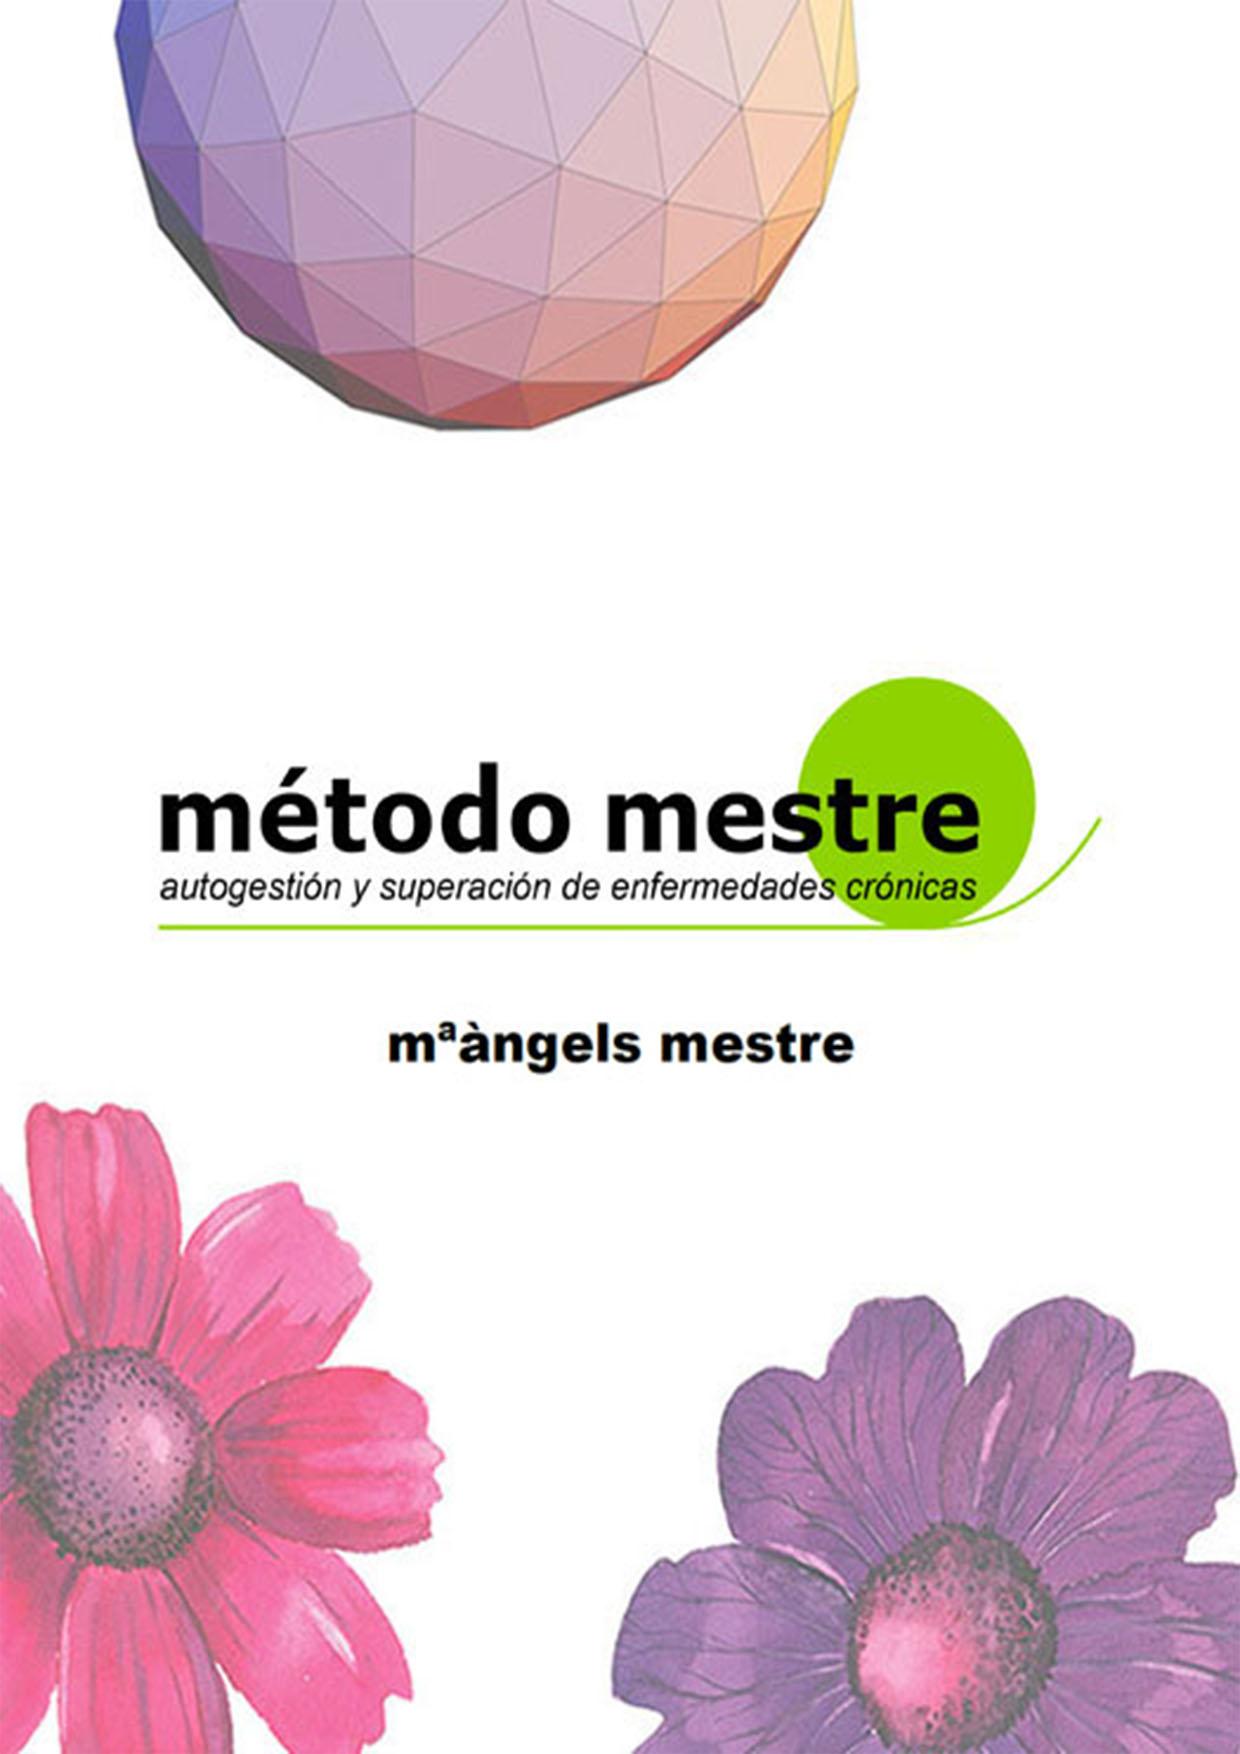 Método Mestre